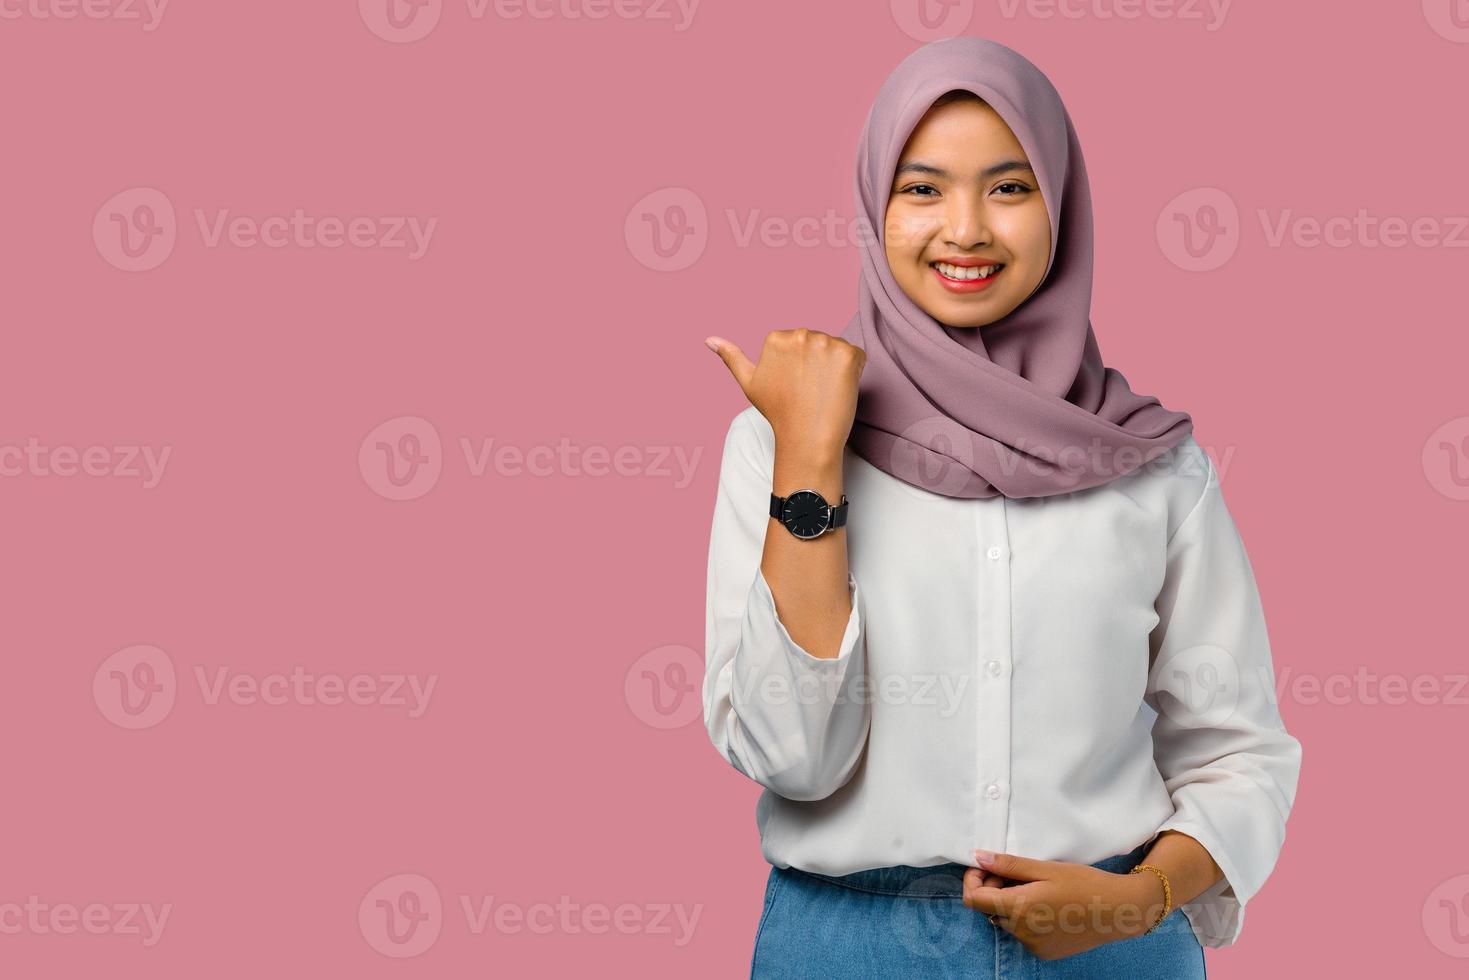 femme portant un hijab sur fond rose photo